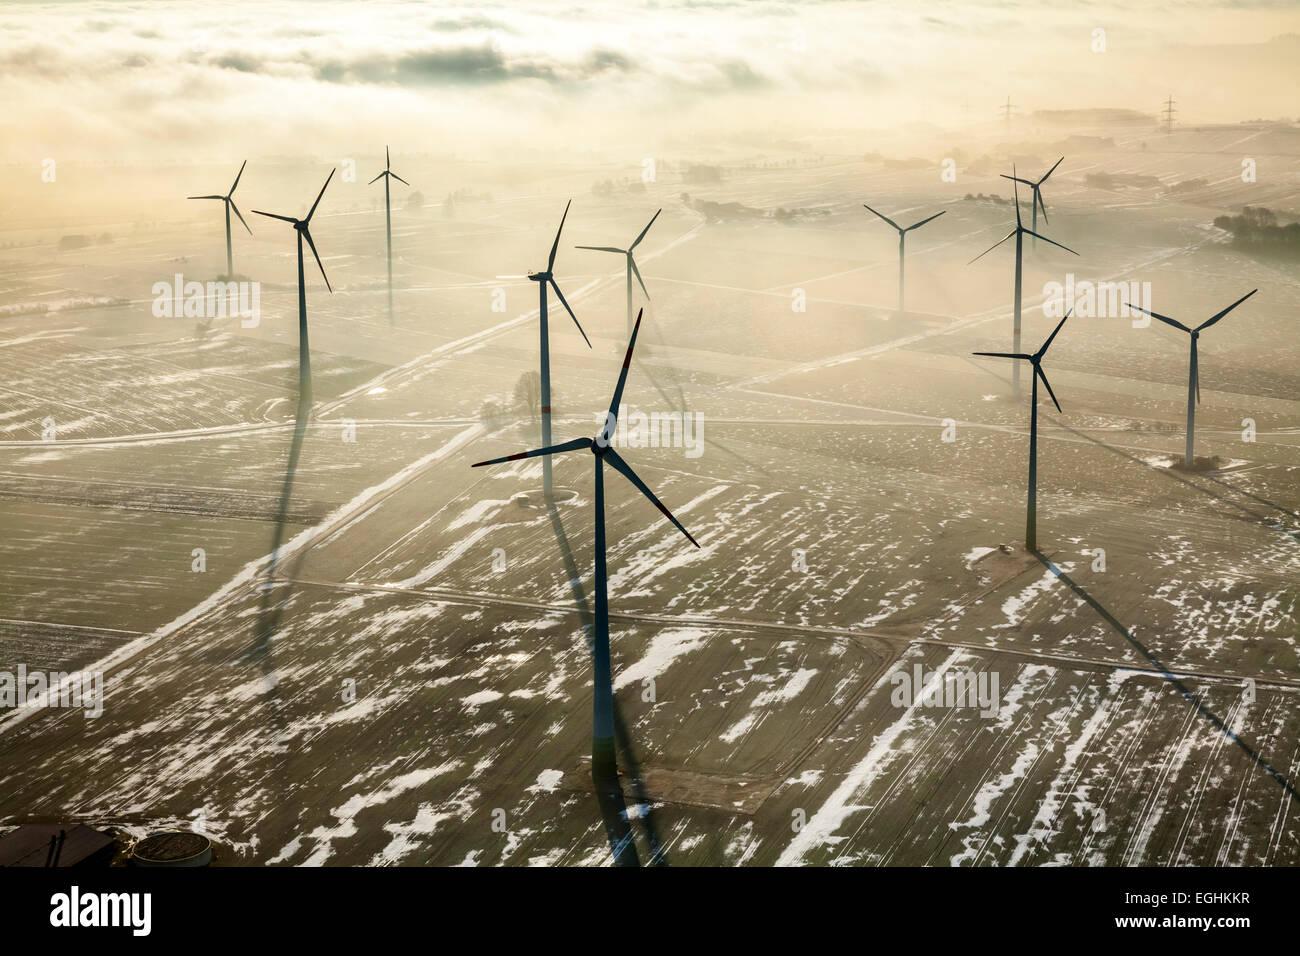 Windpark in Madfeld, Brilon, Sauerland, Nordrhein-Westfalen, Deutschland Stockbild